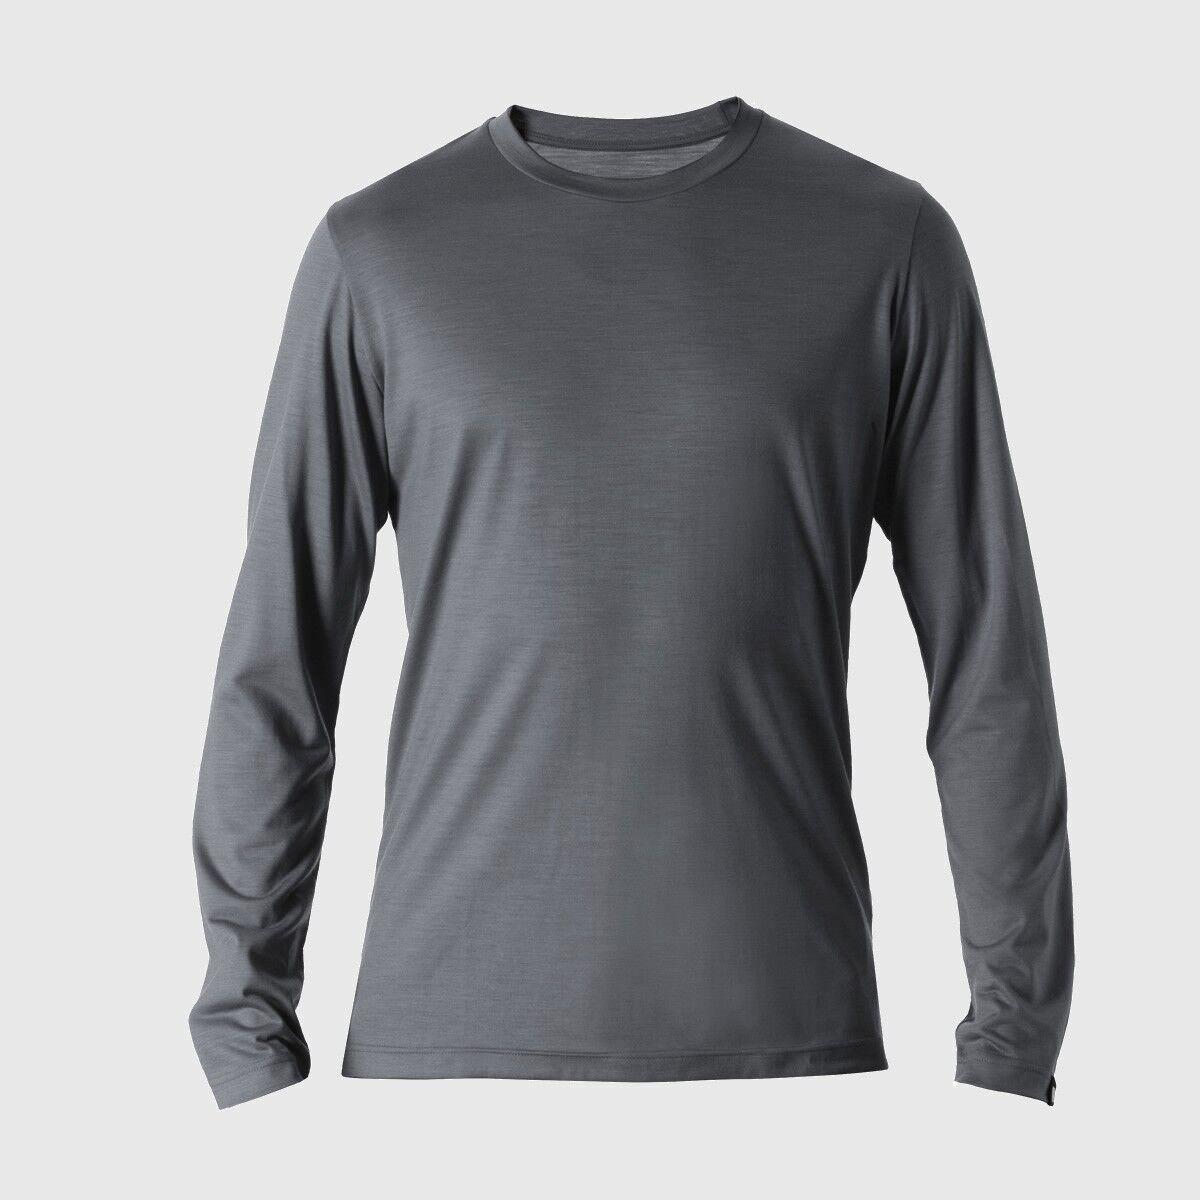 rotA Rewoolution Grab - Mens T-Shirt Long Sleeve 140, eucalyptus, Merinowolle  | Spielzeugwelt, glücklich und grenzenlos